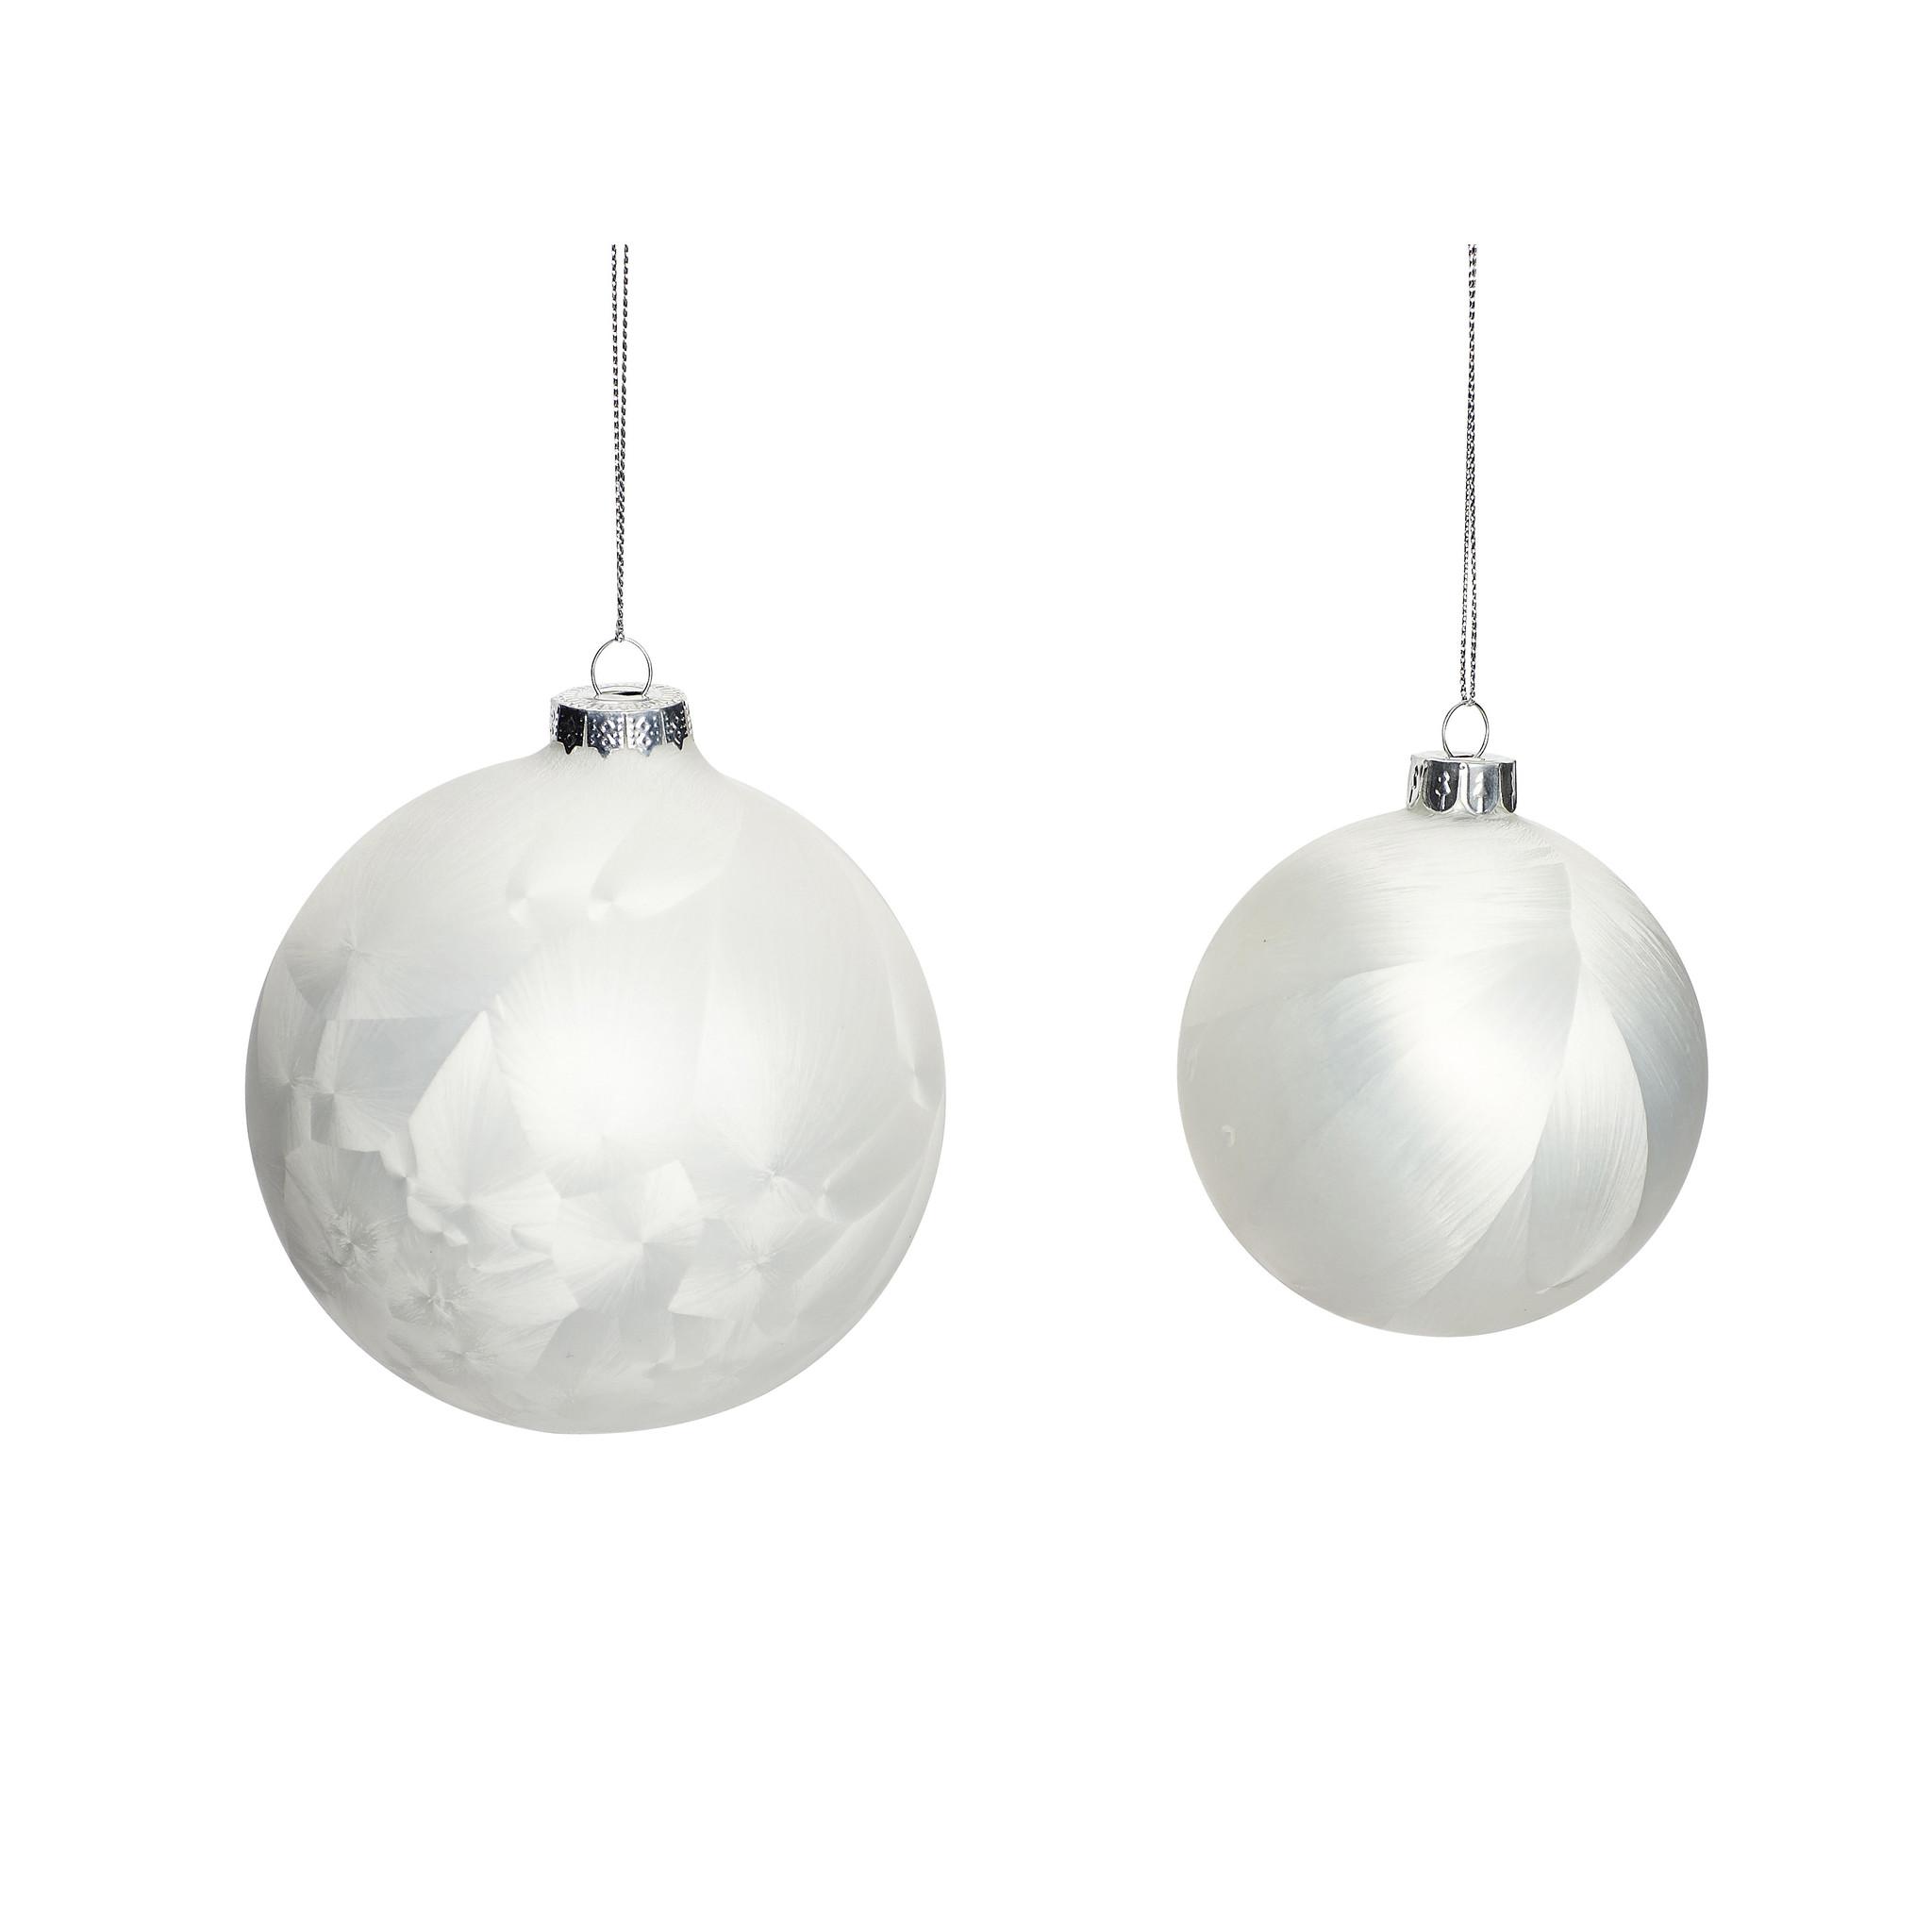 Hubsch Kerstbal, wit, set van 2-350135-5712772047460